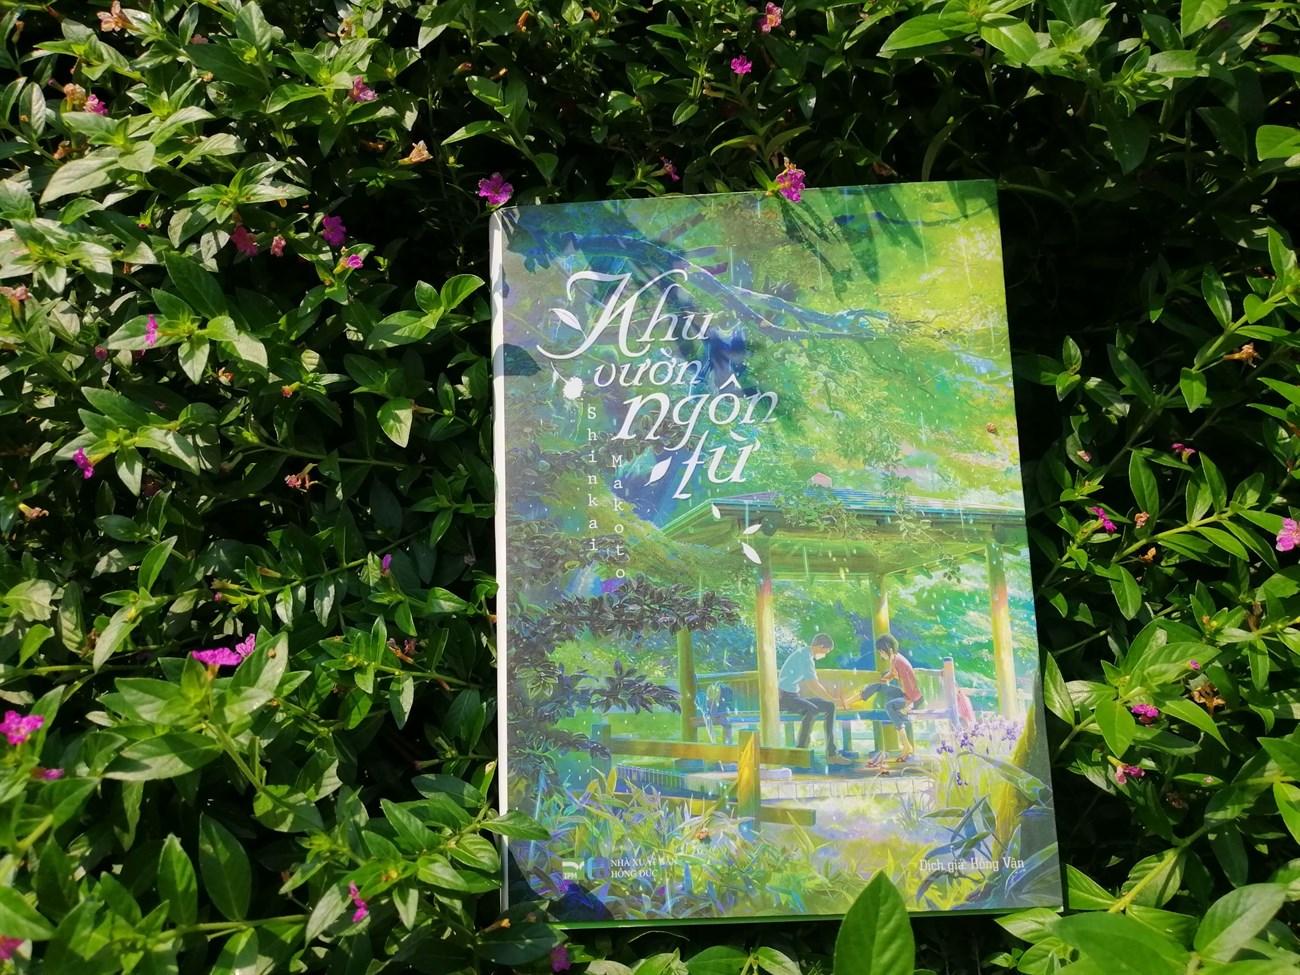 Khu Vườn Ngôn Từ - Shinkai Makoto